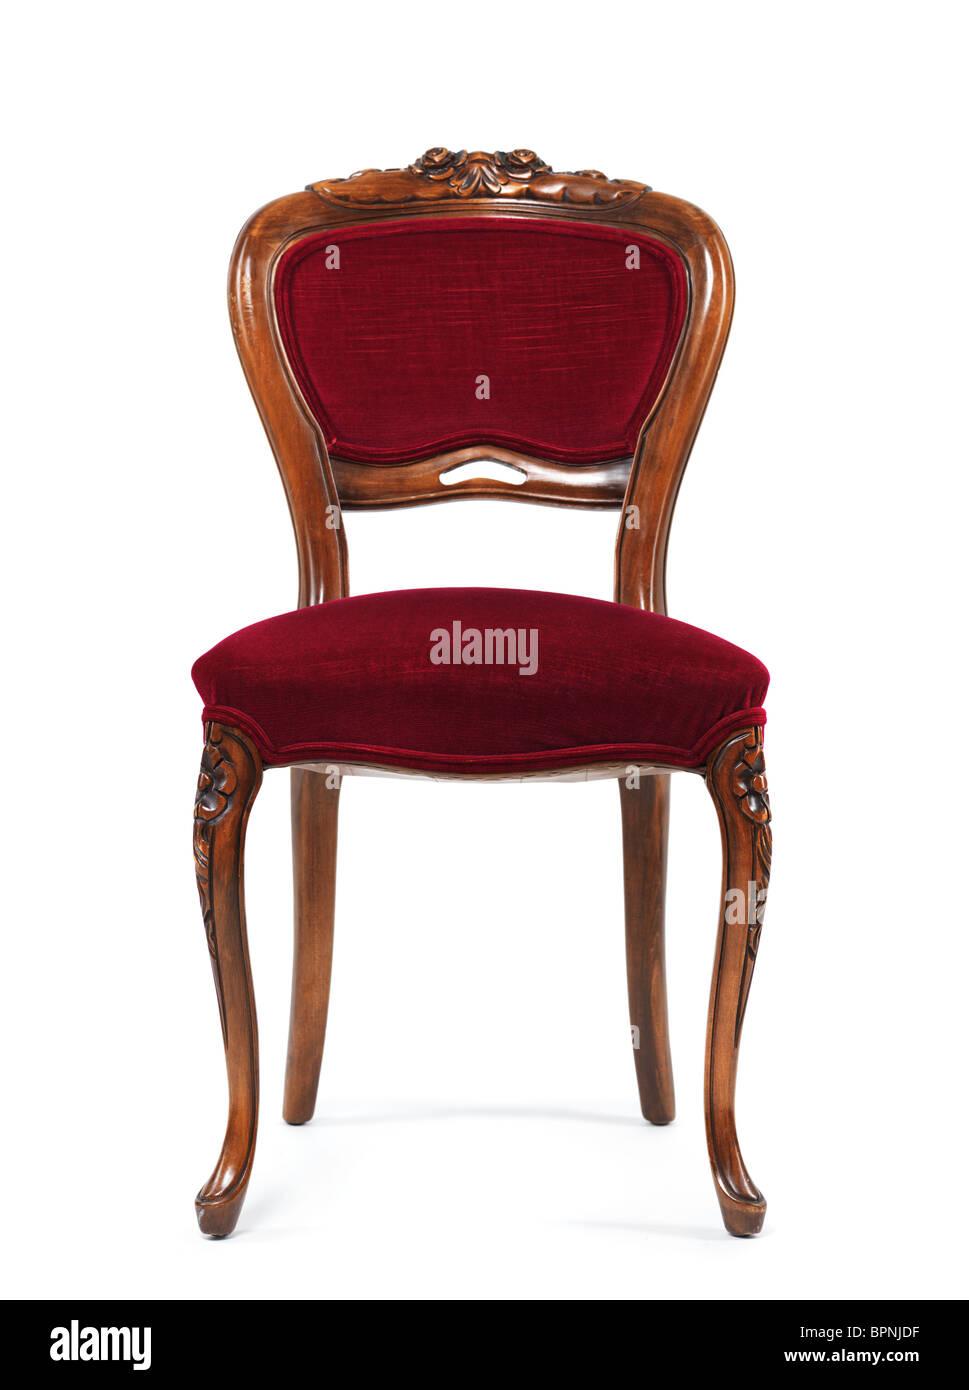 antiques furniture stockfotos antiques furniture bilder alamy. Black Bedroom Furniture Sets. Home Design Ideas